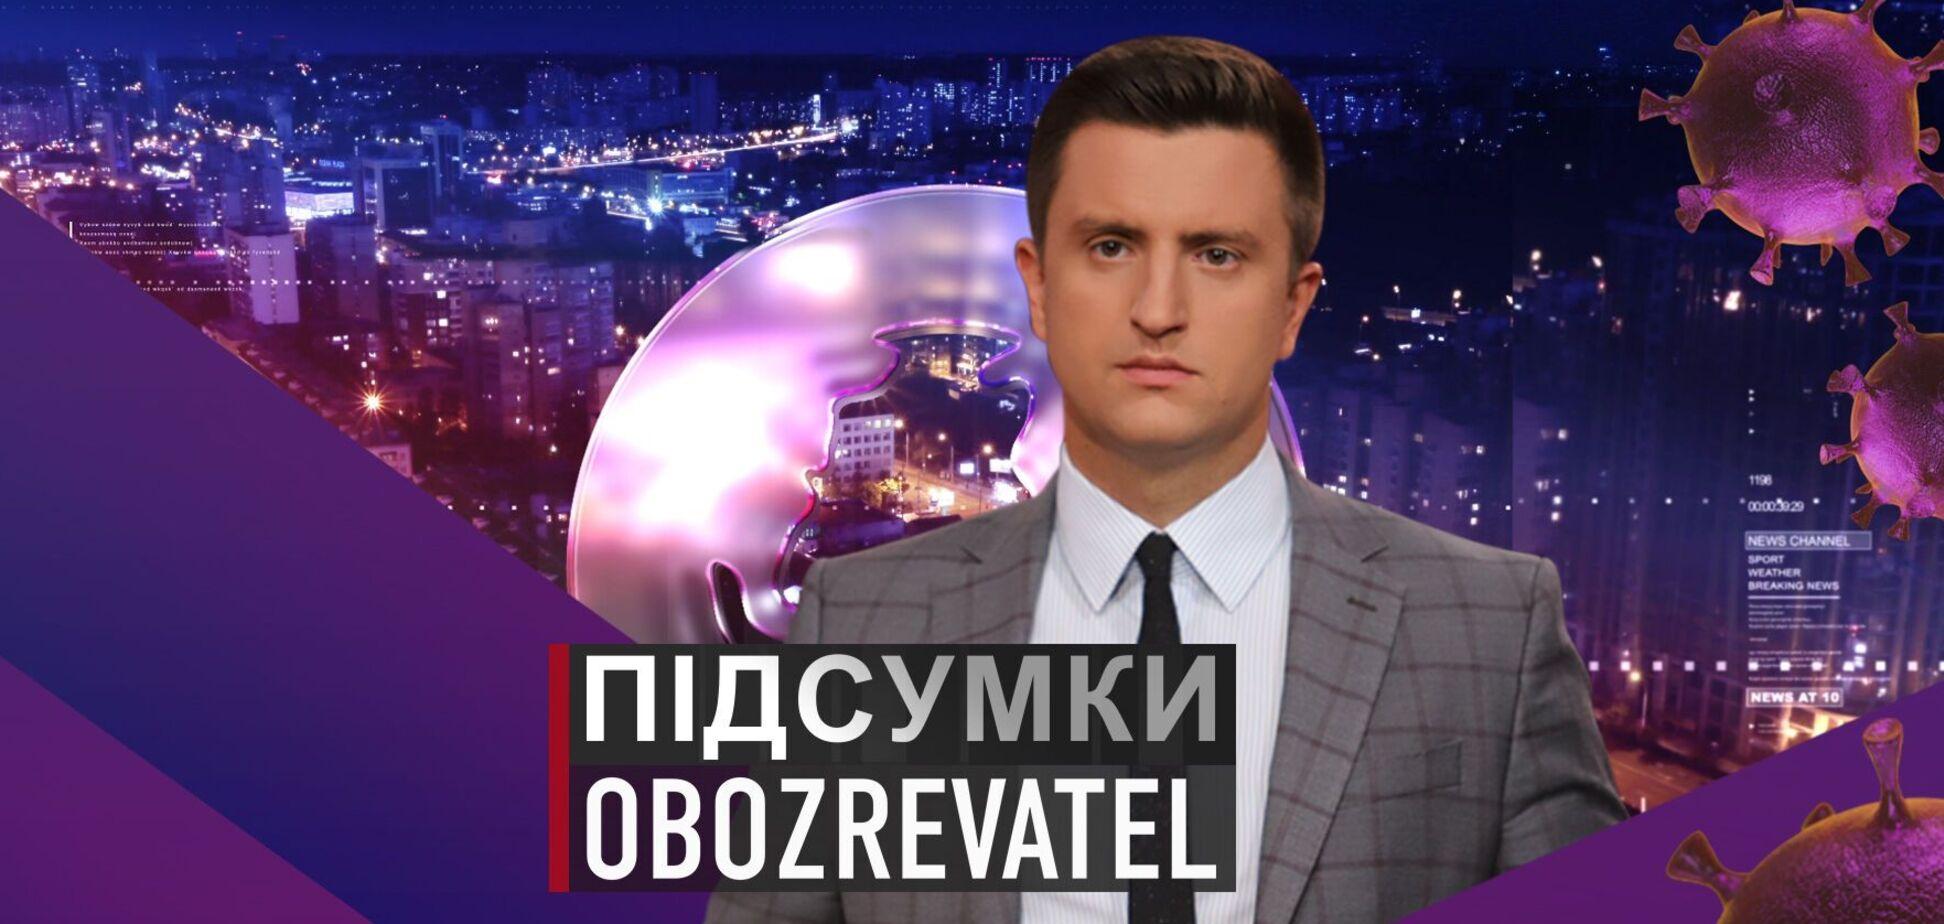 Підсумки дня з Вадимом Колодійчуком. Середа, 3 лютого